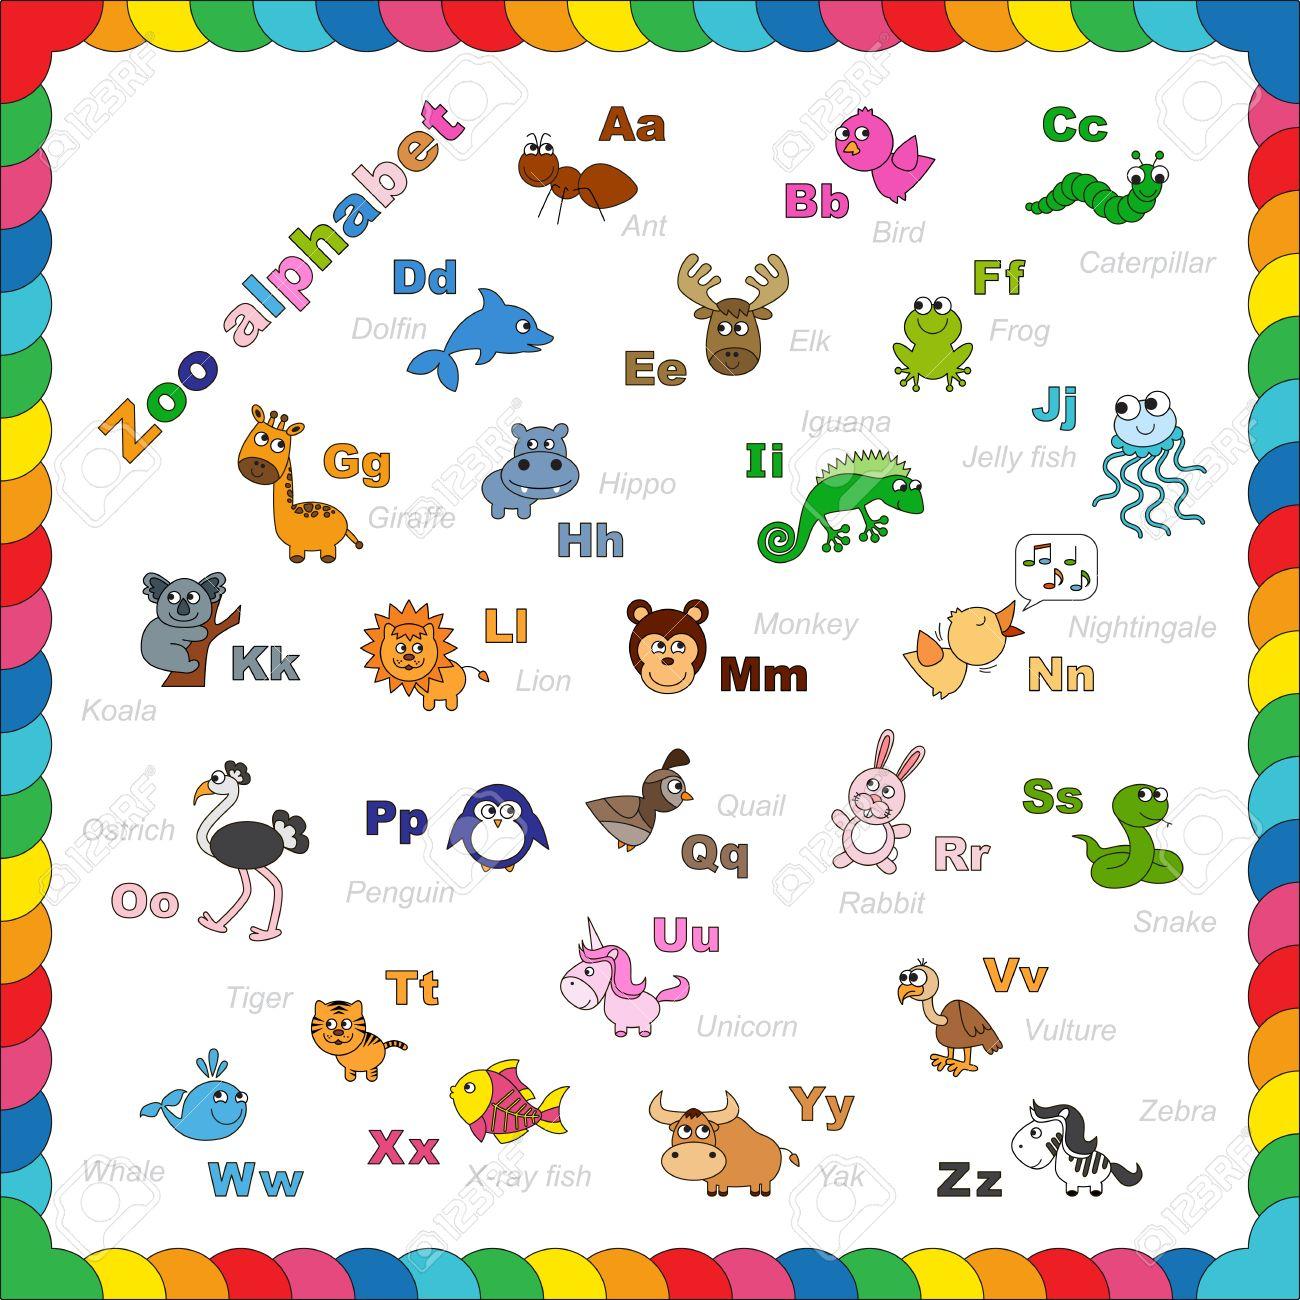 El Niños Completos Inglés Alfabeto Animales Zoológico Con Animales De Dibujos Animados Divertidos Abc Diseño Alfabeto Zoo En El Estilo De